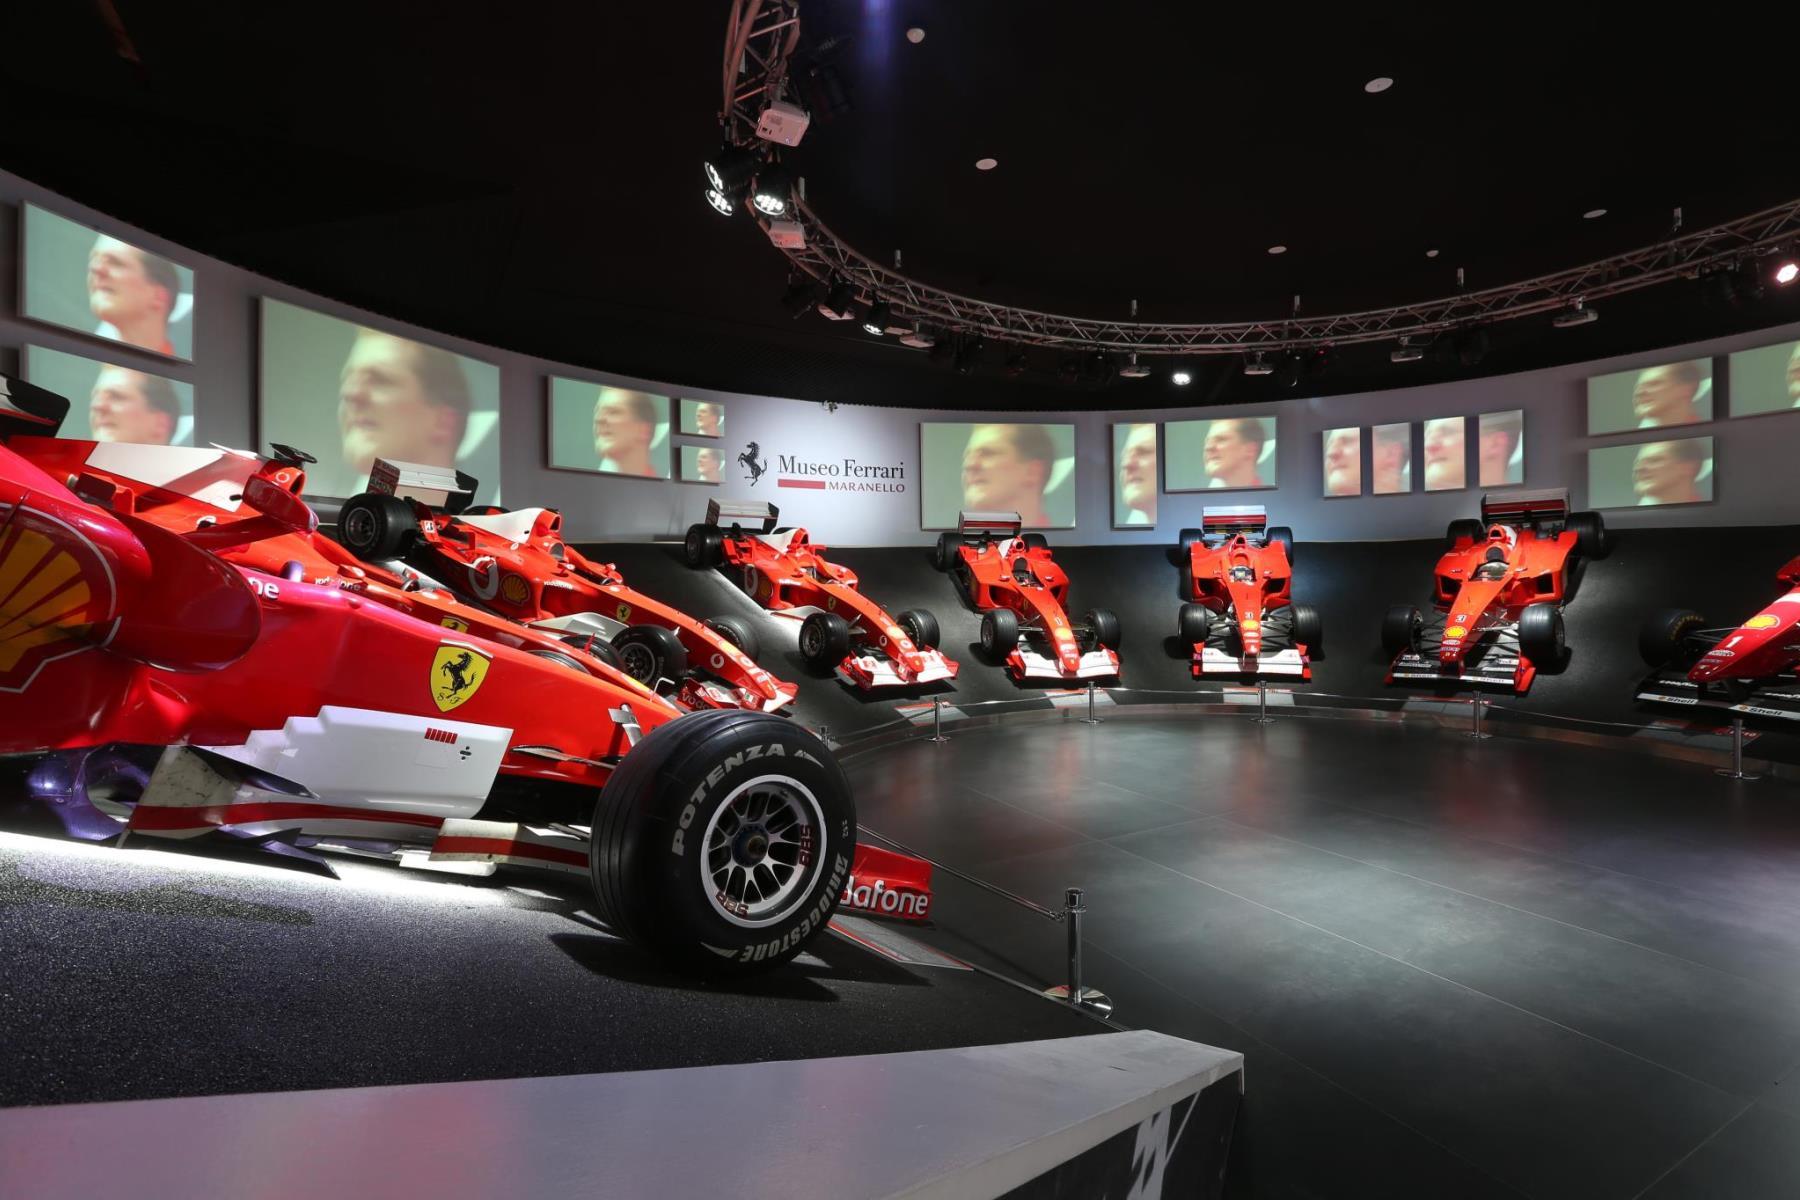 Ferrari's Michael 50 Schumacher exhibition